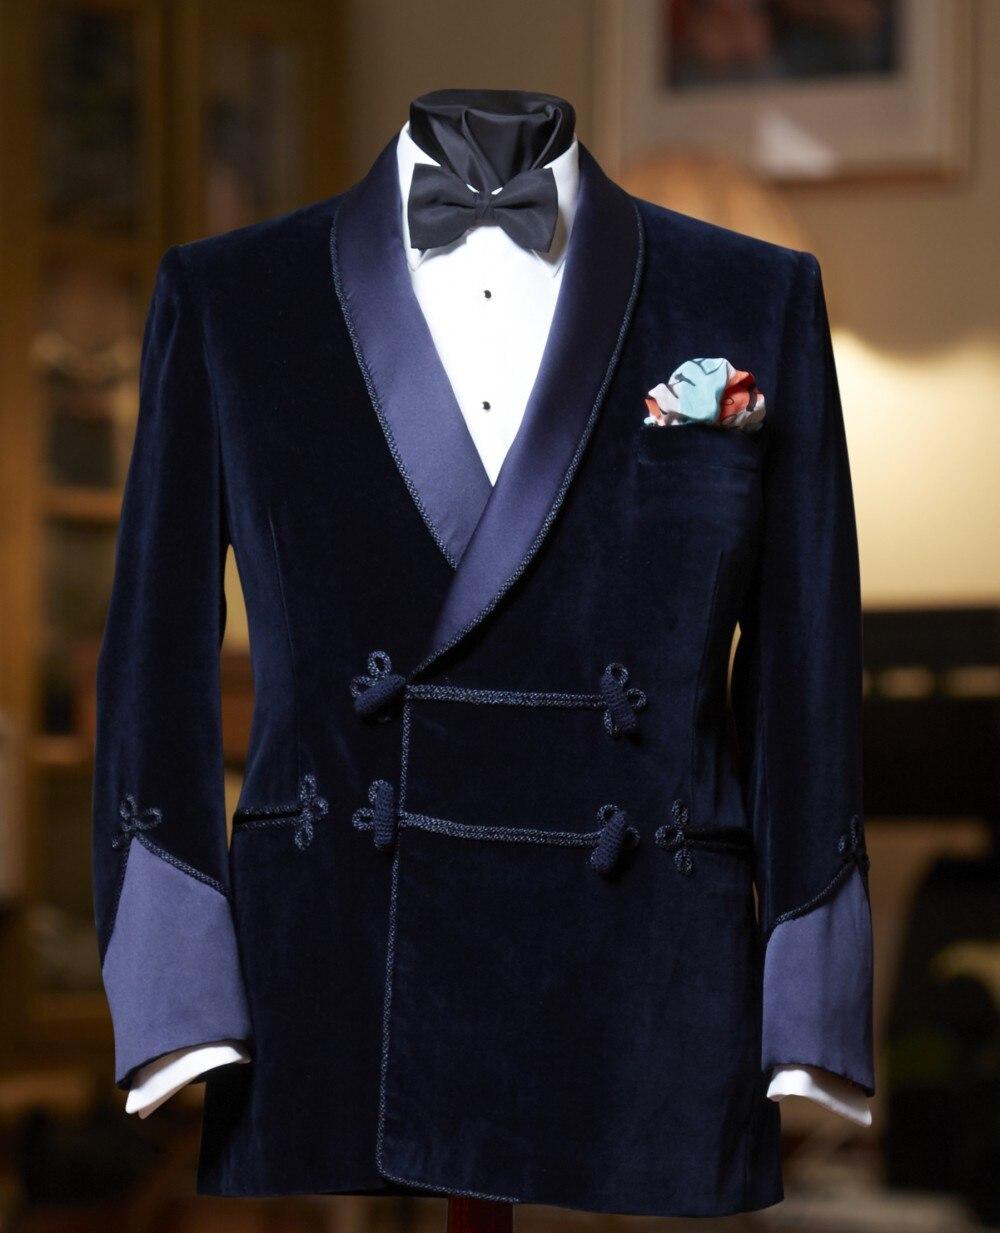 ANNIEBRITNEY 2019 темно синий мужской костюм, приталенный смокинг на заказ, блейзер, костюмы на выпускной, свадьбу (бархатный пиджак + черные хлопковые брюки)